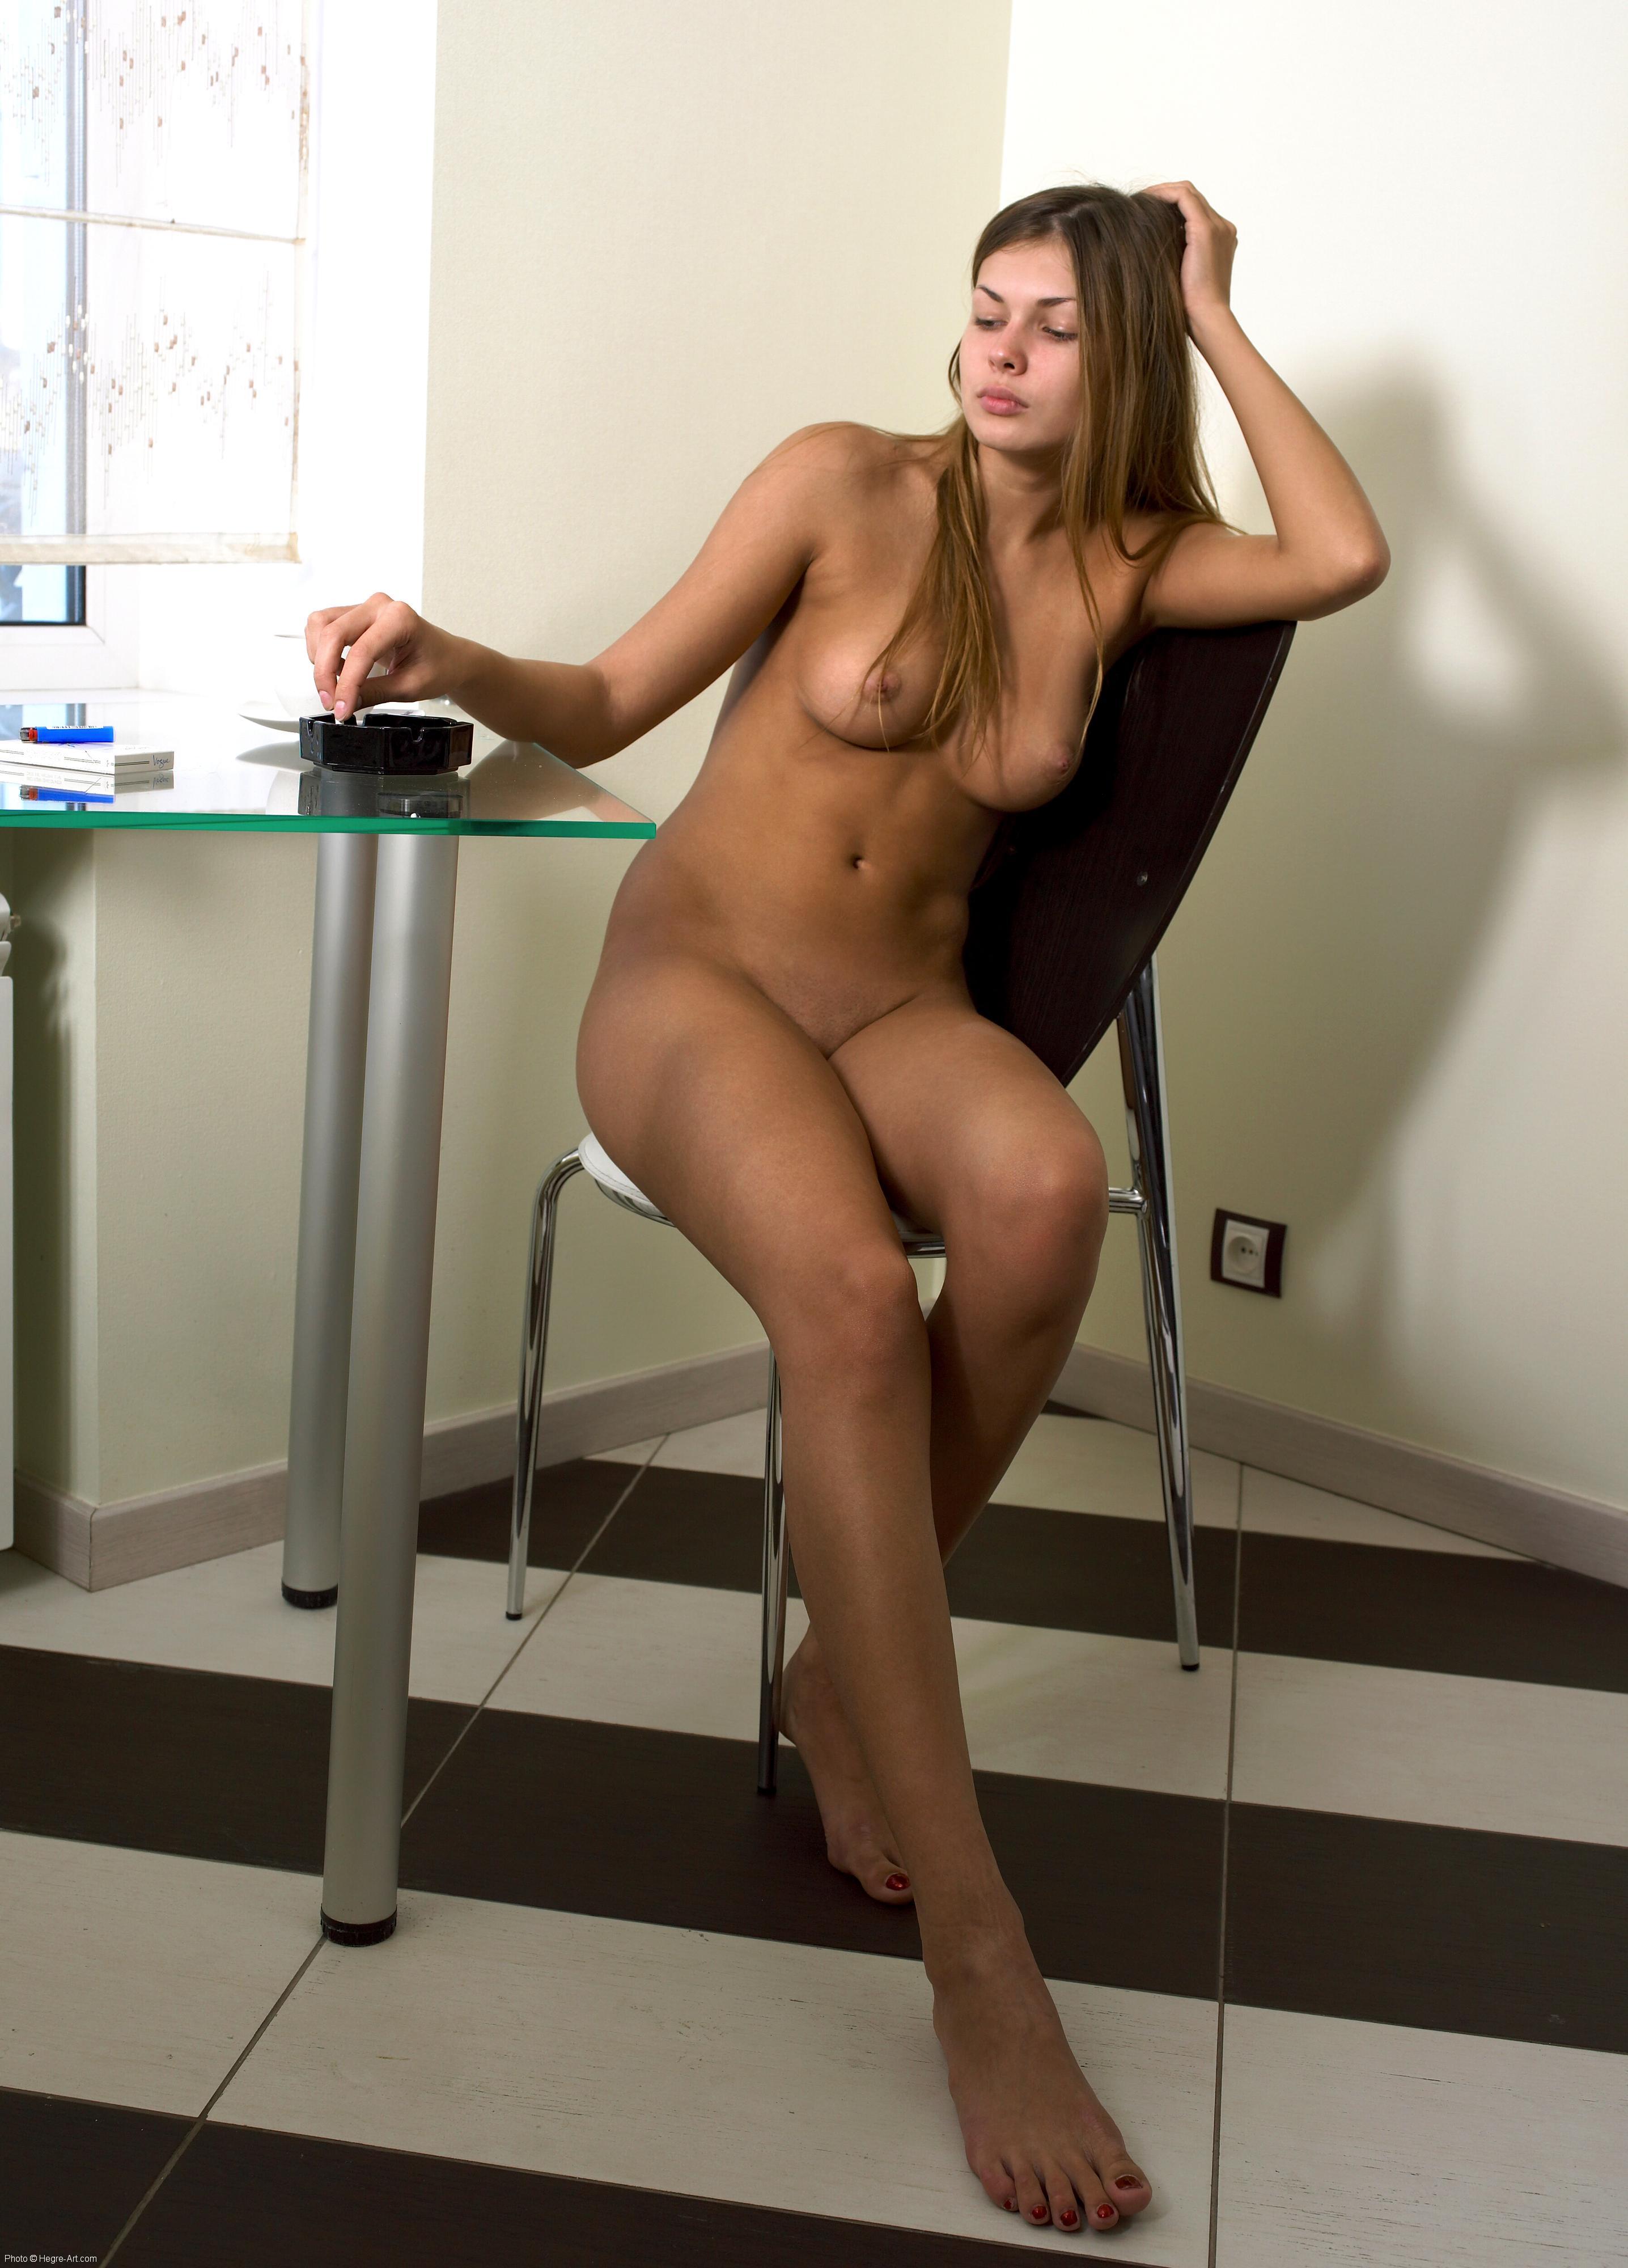 Эро девушка на кухне 22 фотография